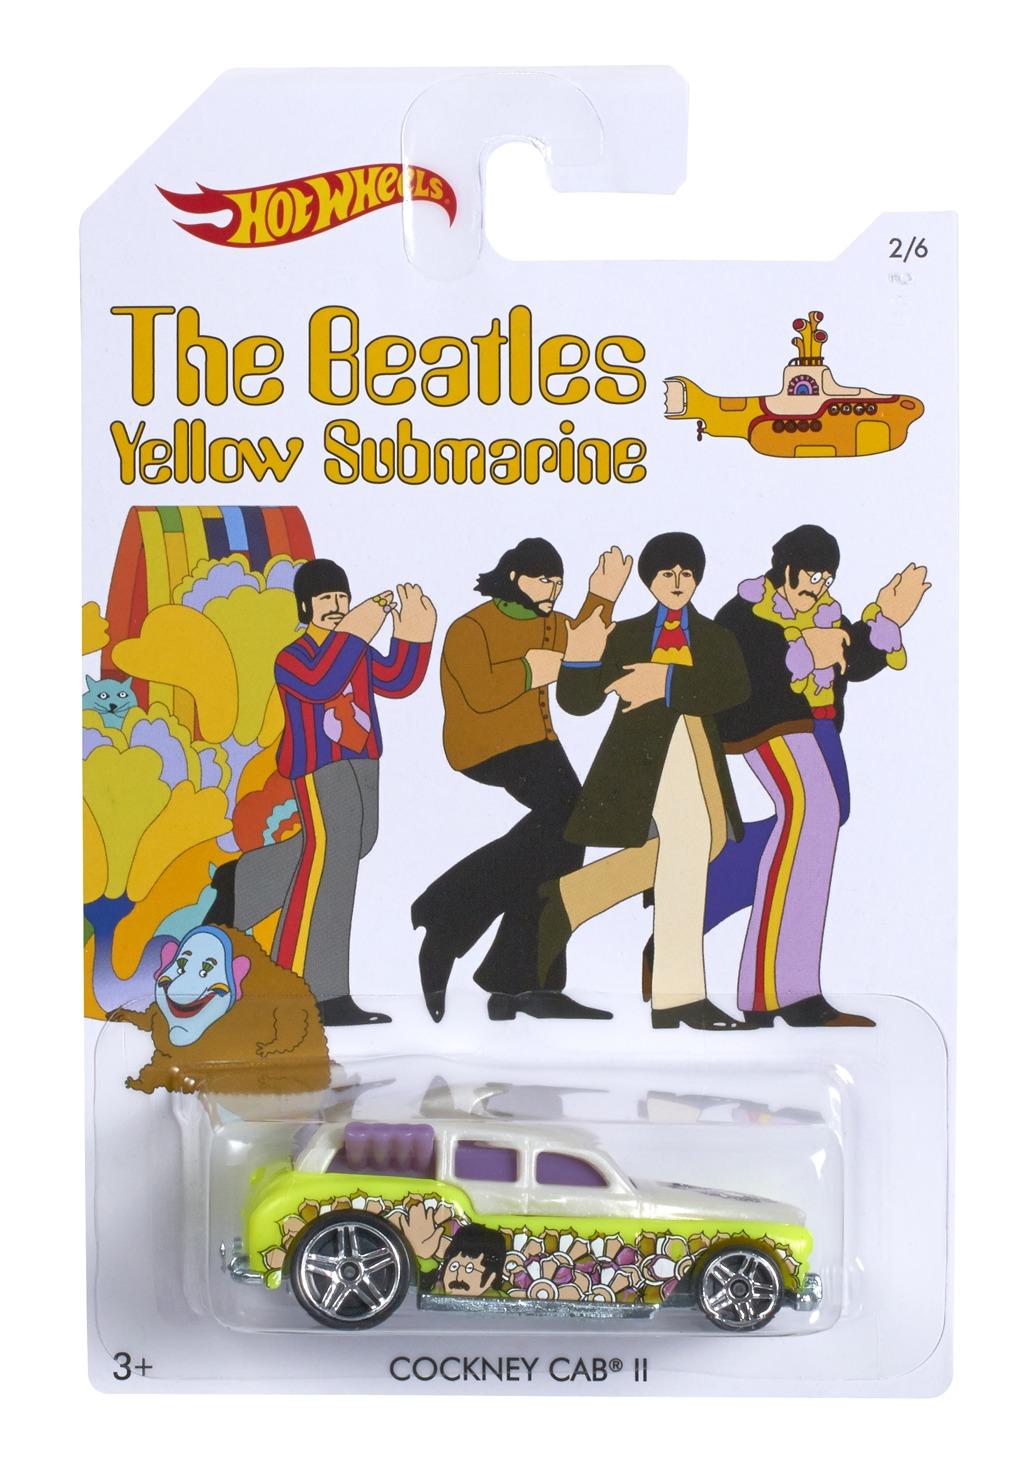 All4toys Hot Wheels angličák the Beatles